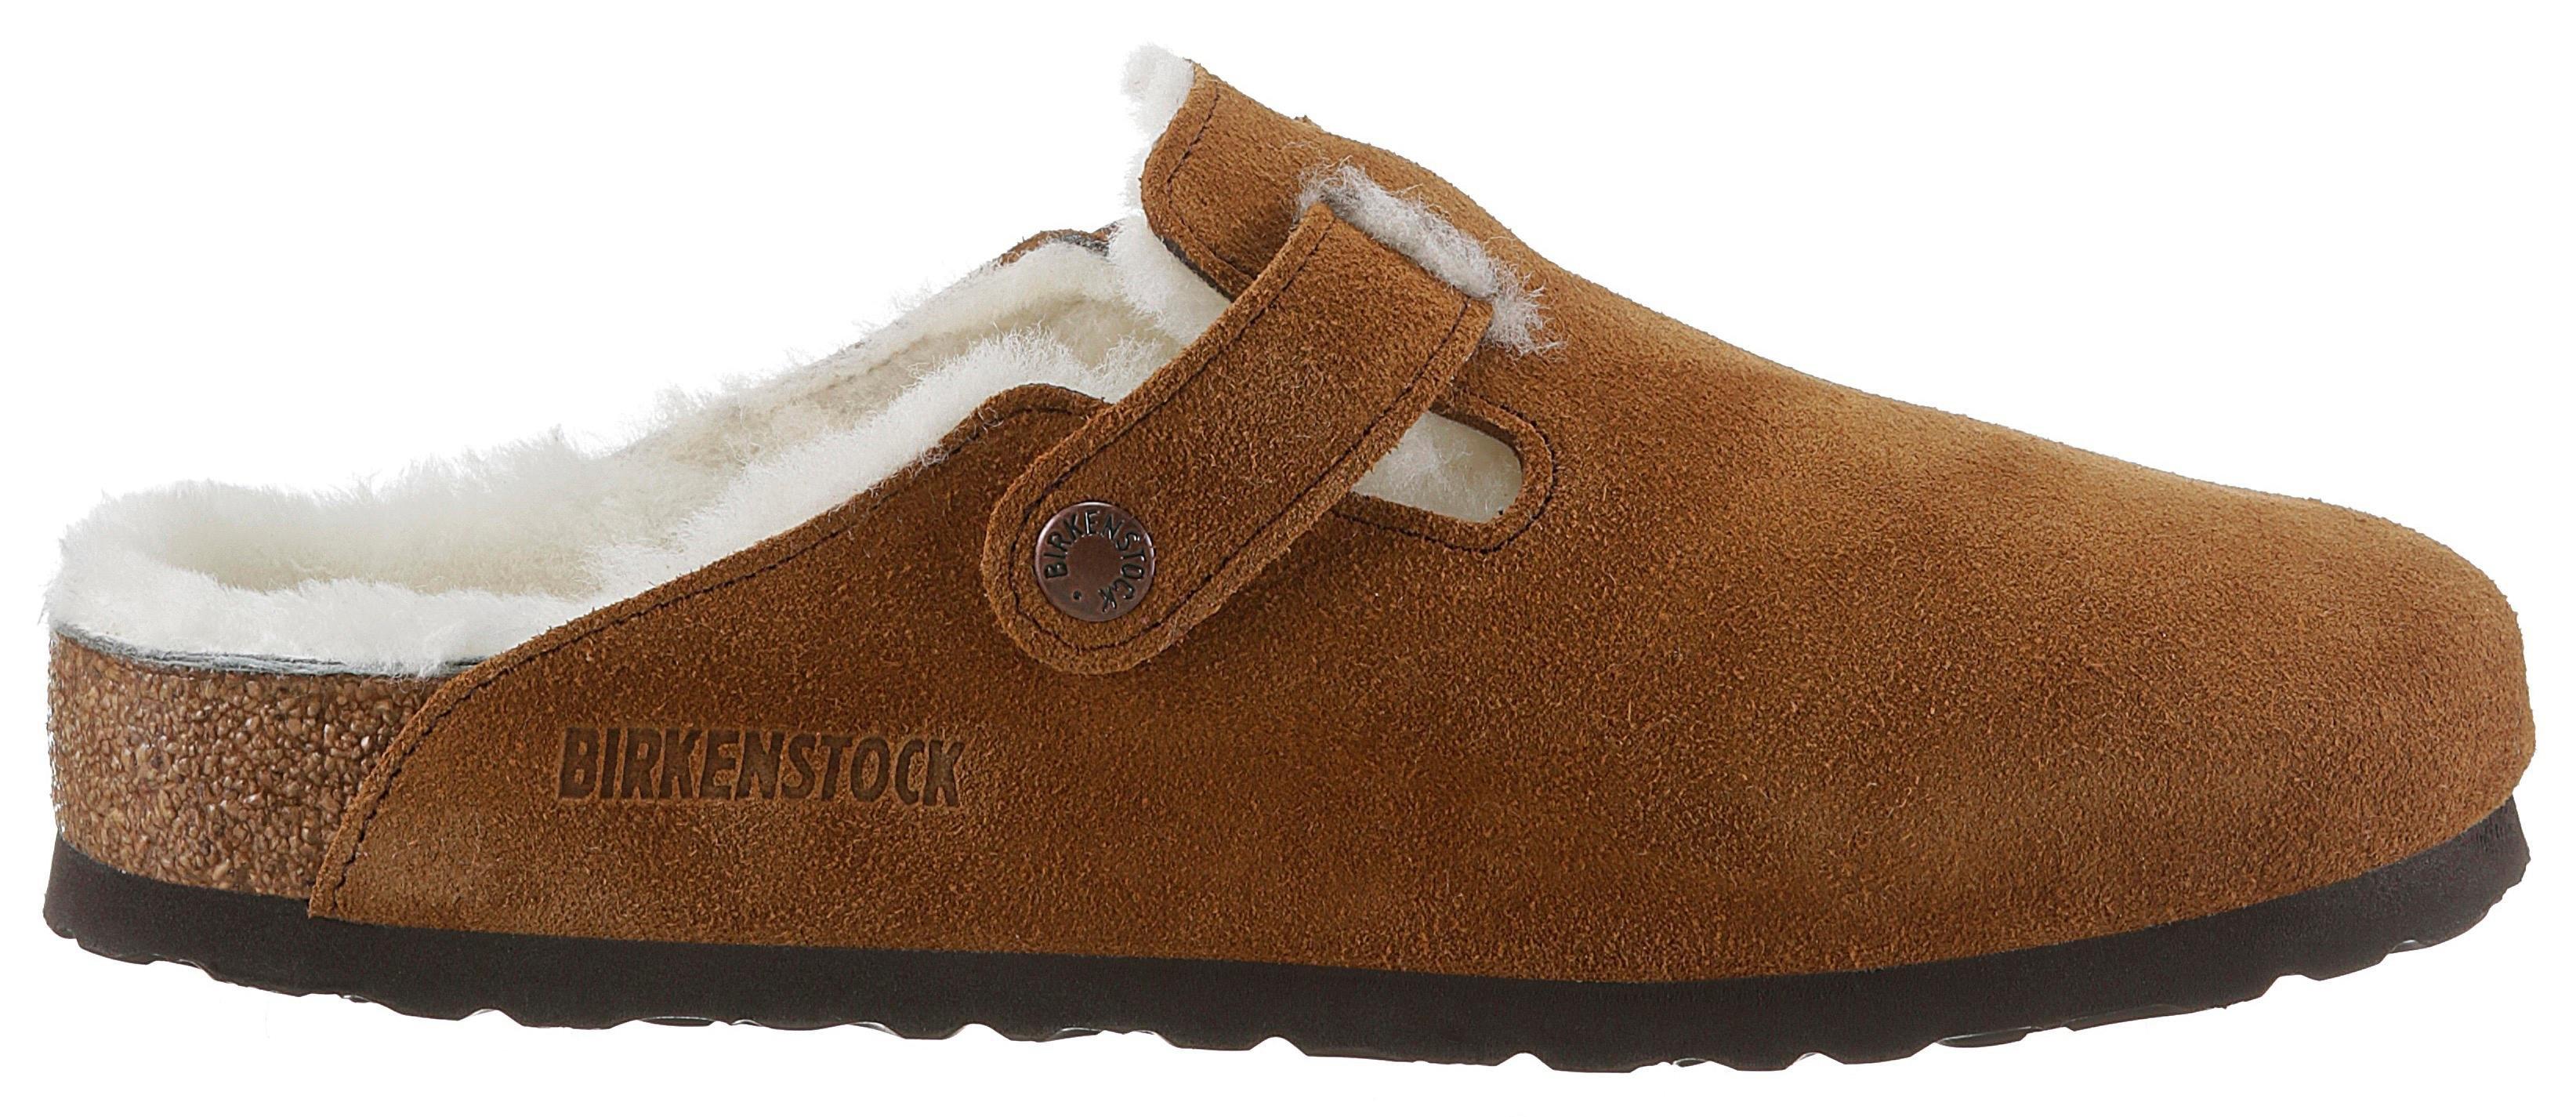 Birkenstock Pantoffels »boston«? Bestel Nu Bij